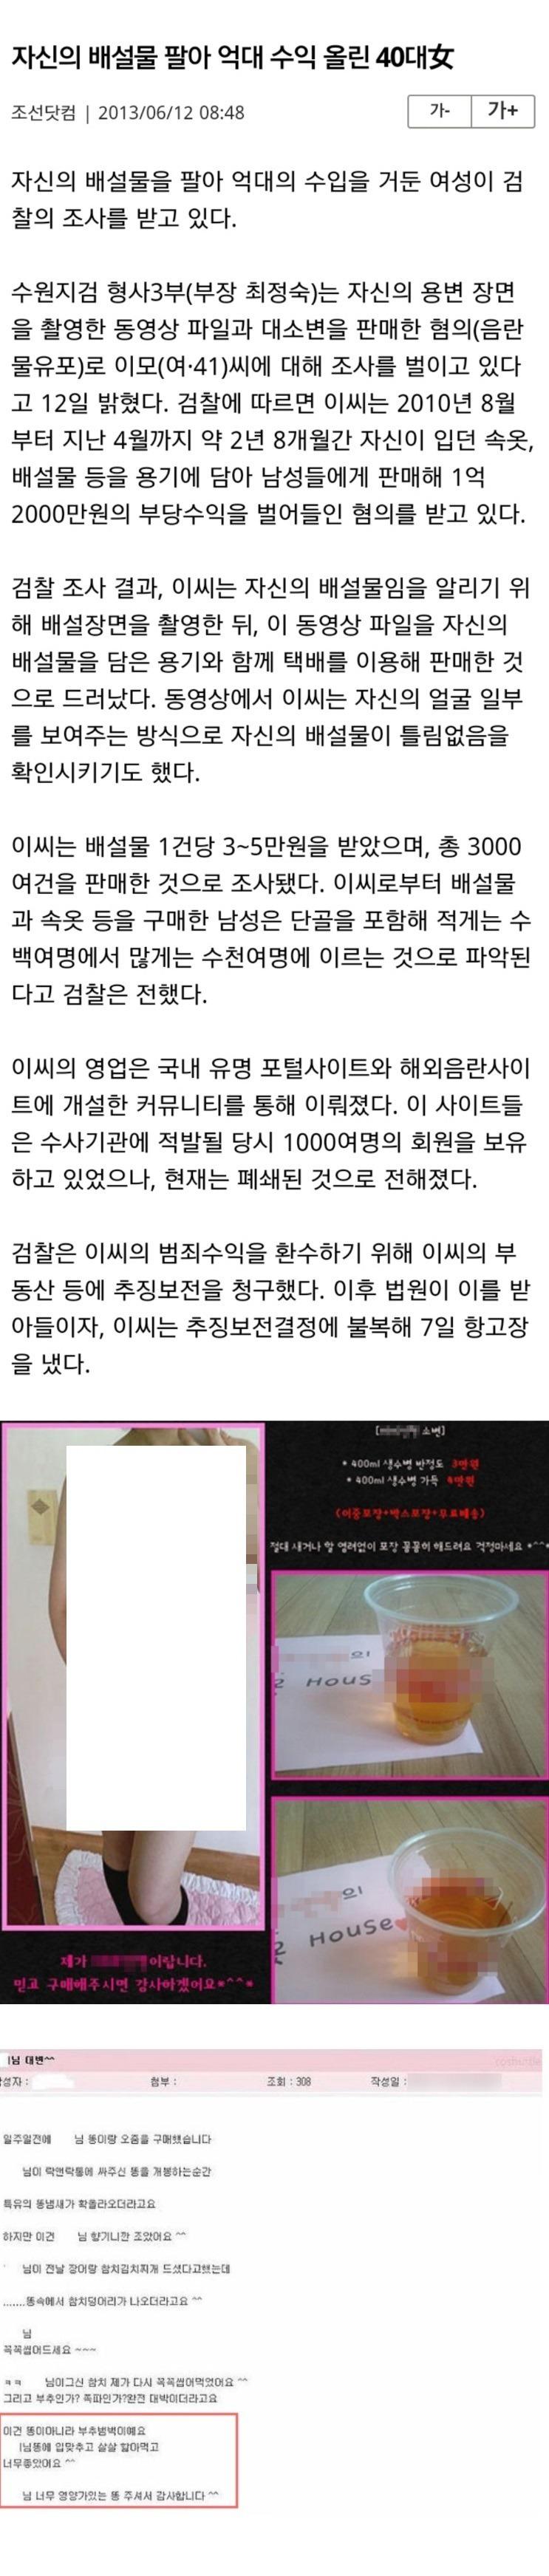 혐오)전설의 배설물 판매녀.jpg